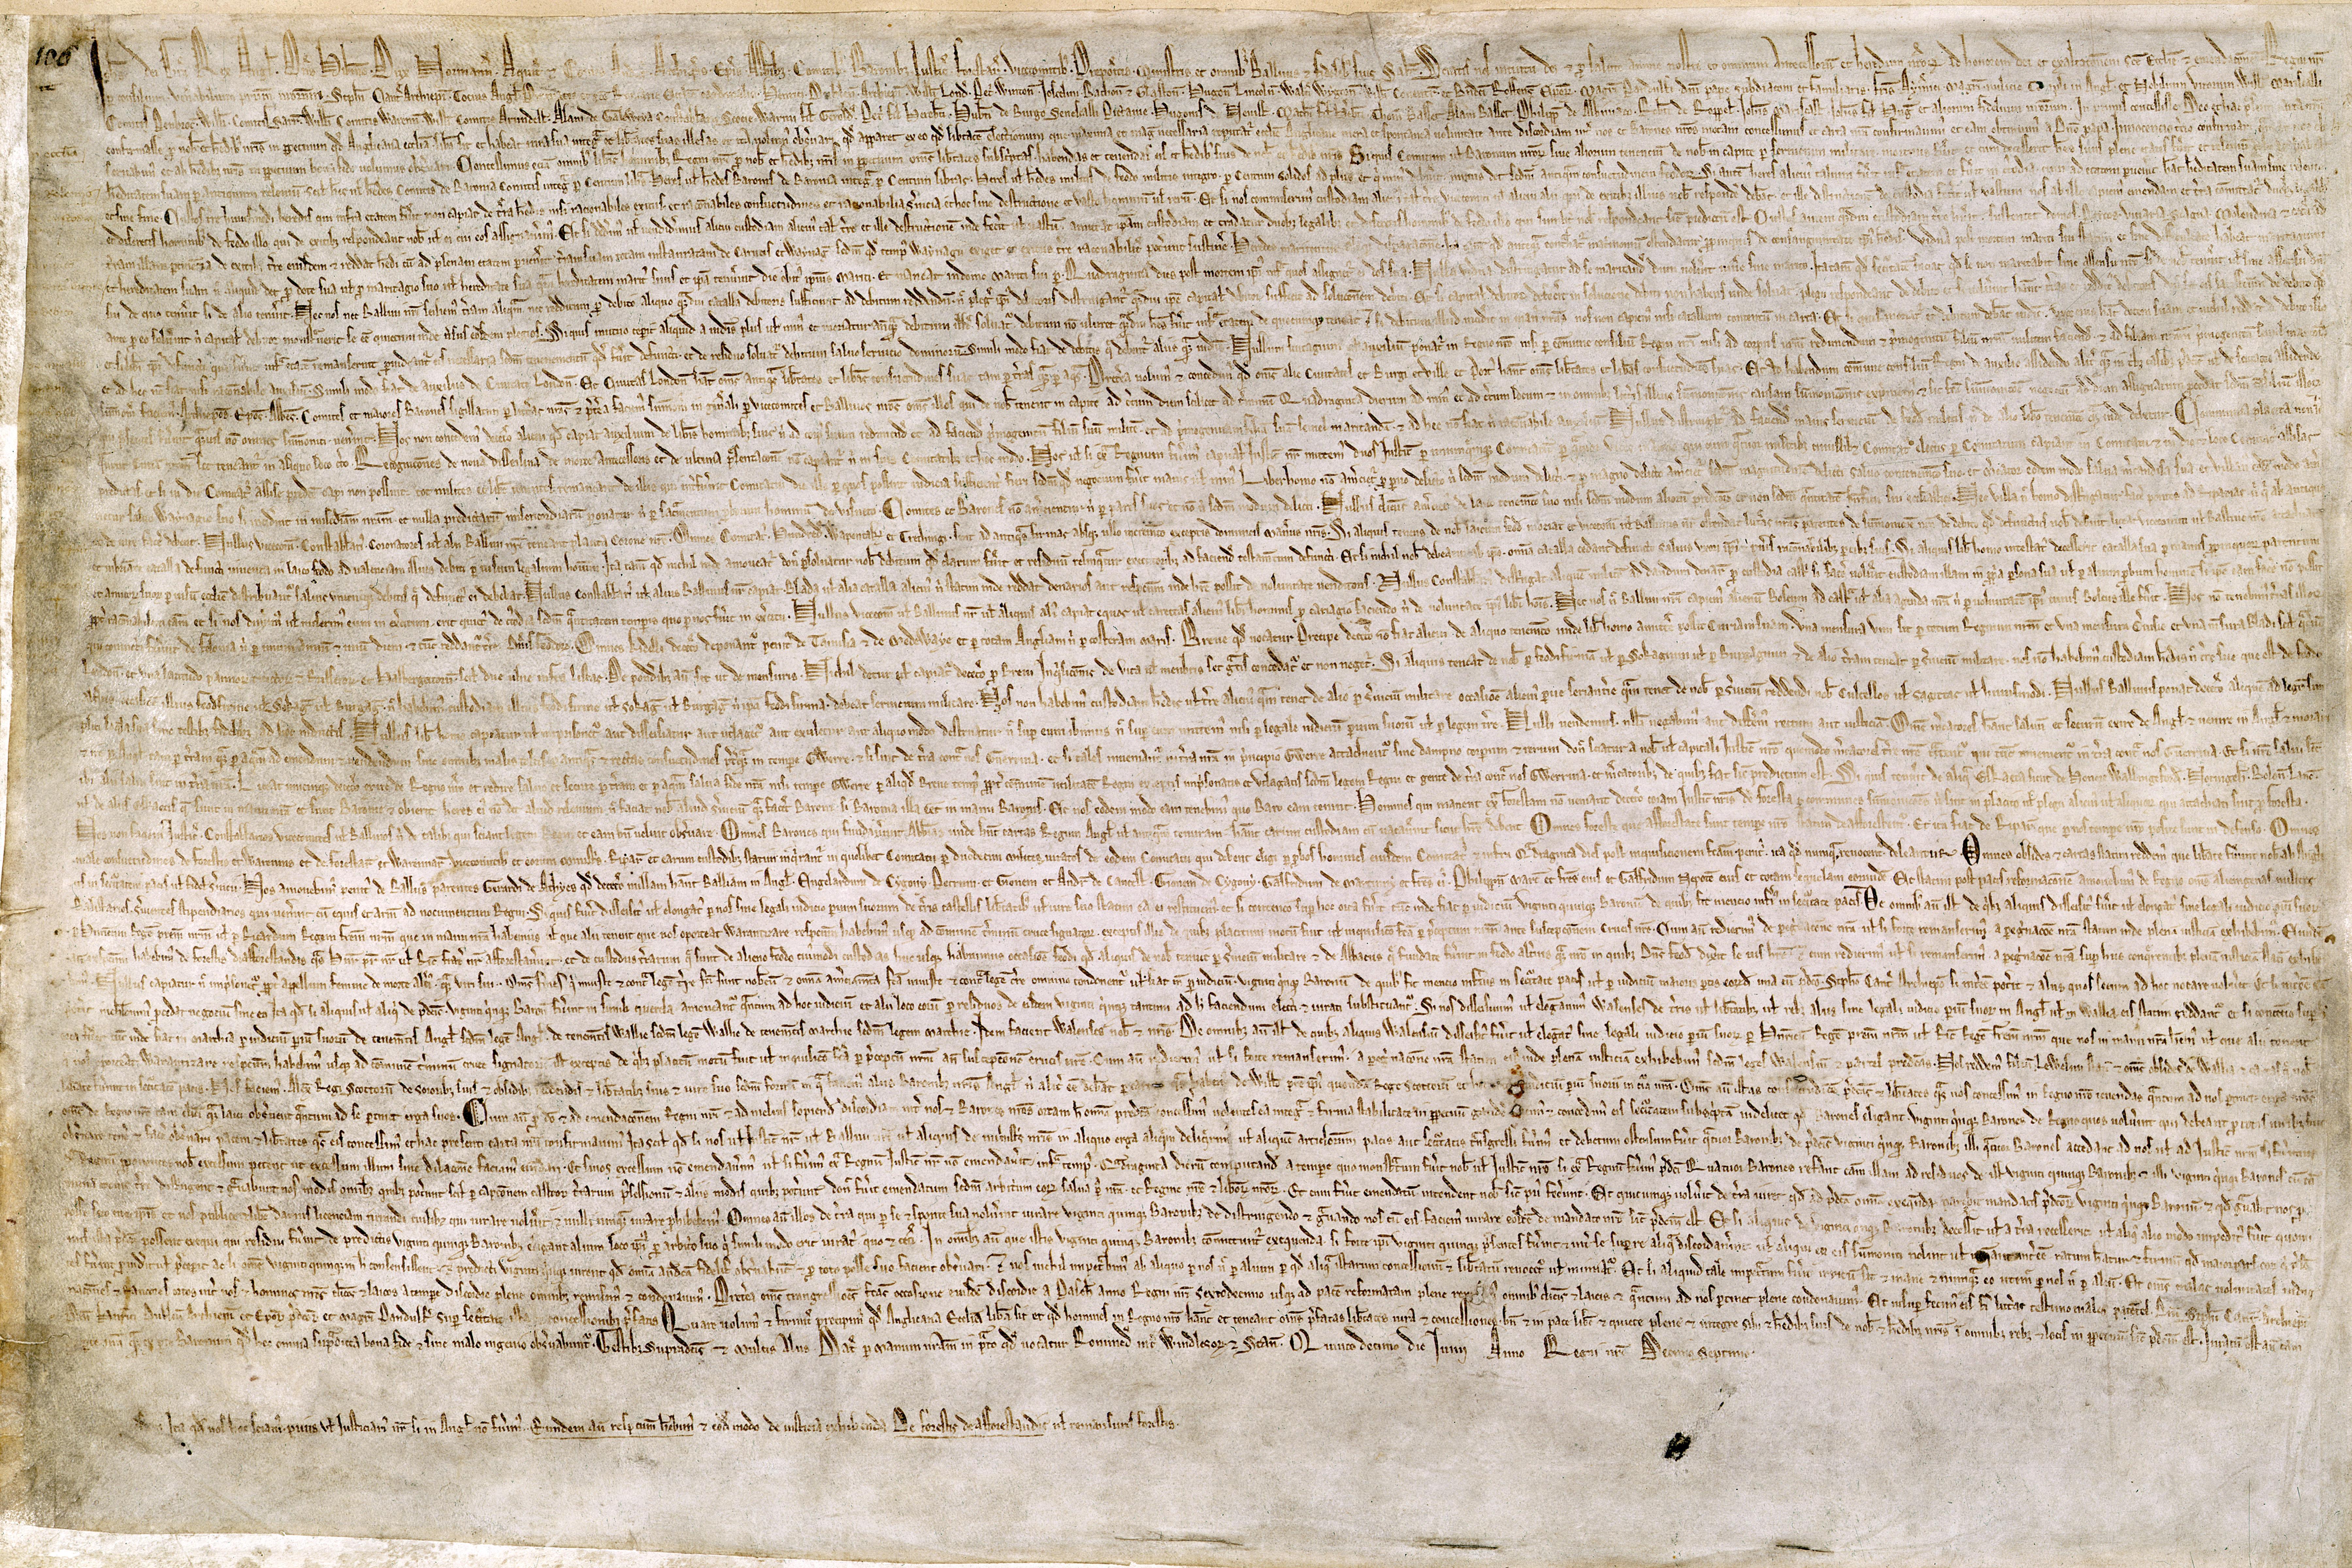 Veja o que saiu no Migalhas sobre Magna Carta